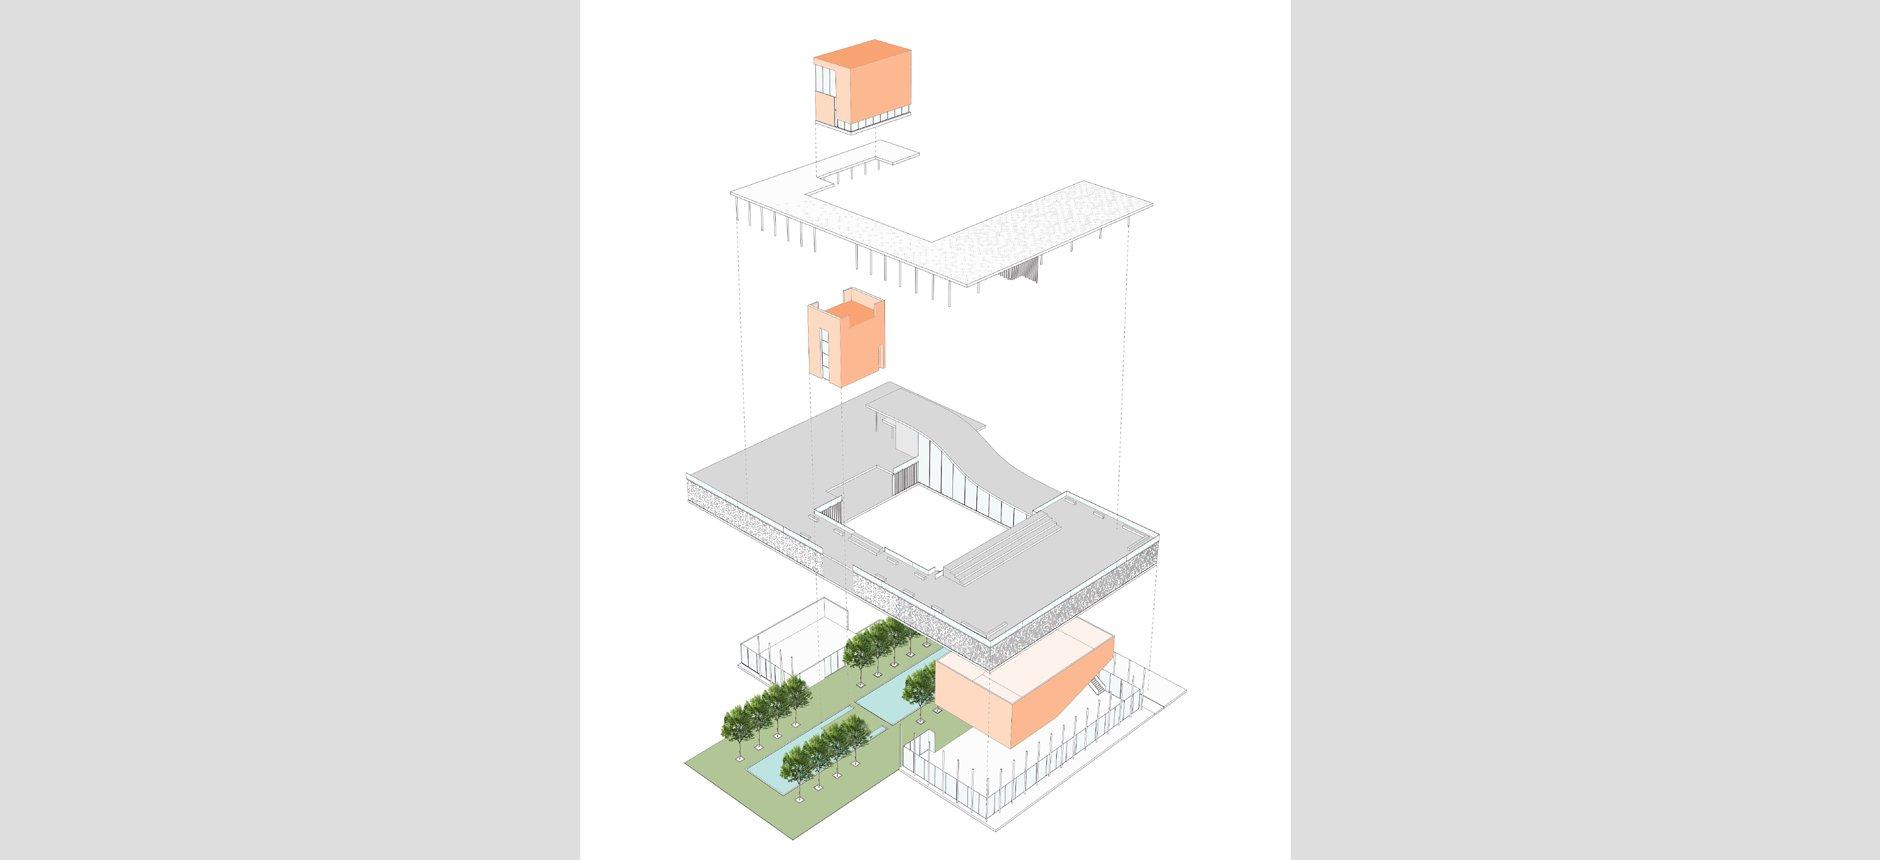 אשדוד-תזמורת- אנדלוסית-סטיו אדריכלים-מבני ציבור-משכן-תרבות